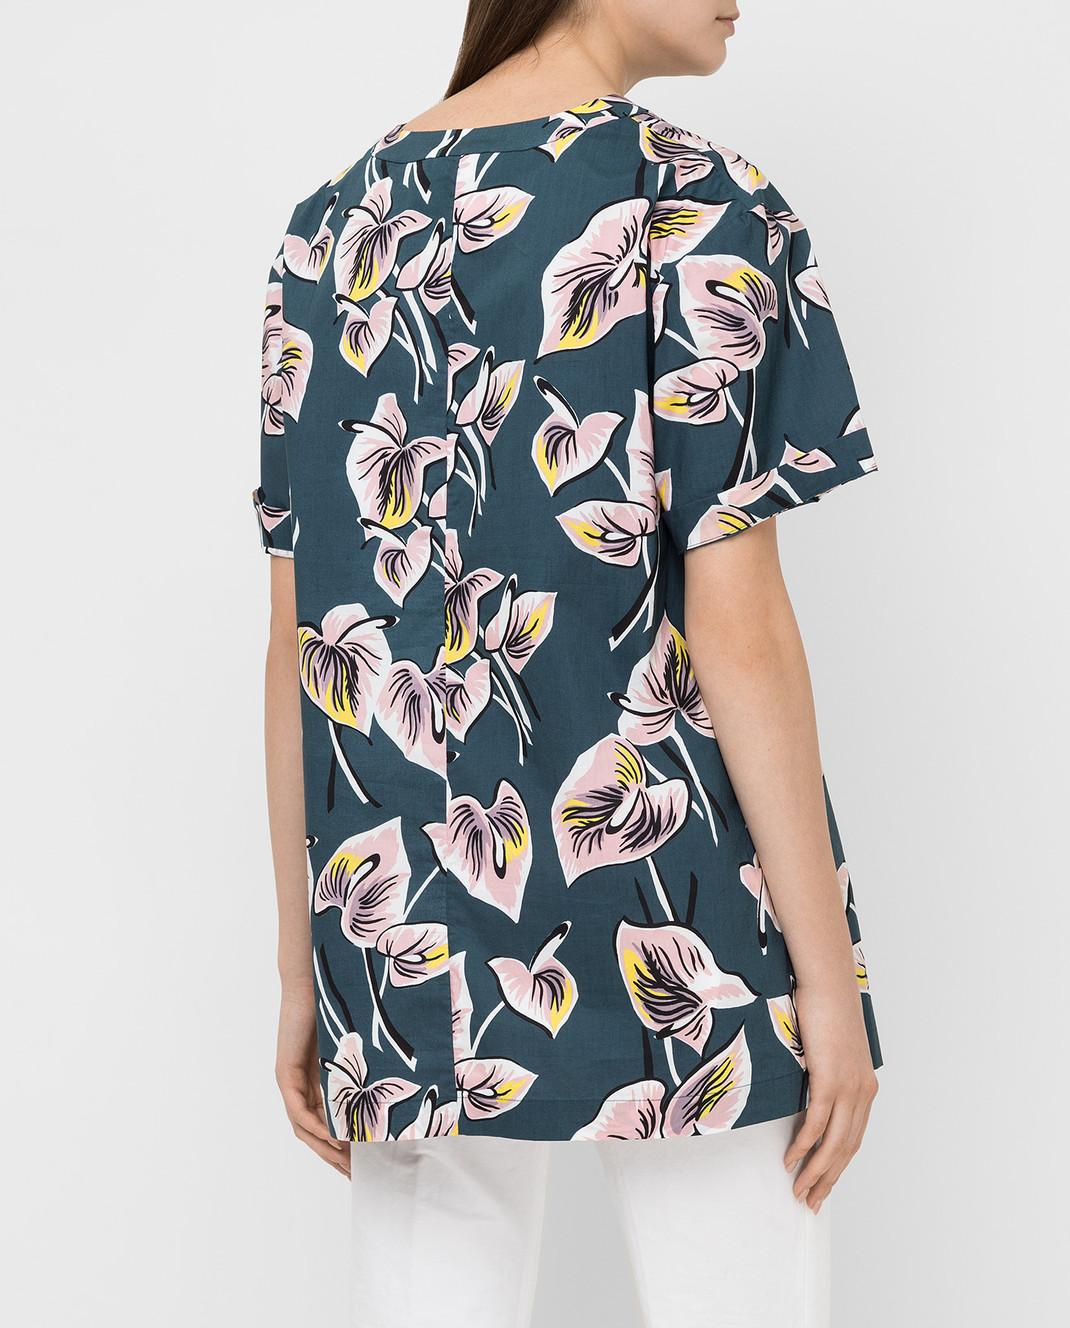 Marni Темно-бирюзовая рубашка CAMAT40A00TCT37 изображение 4